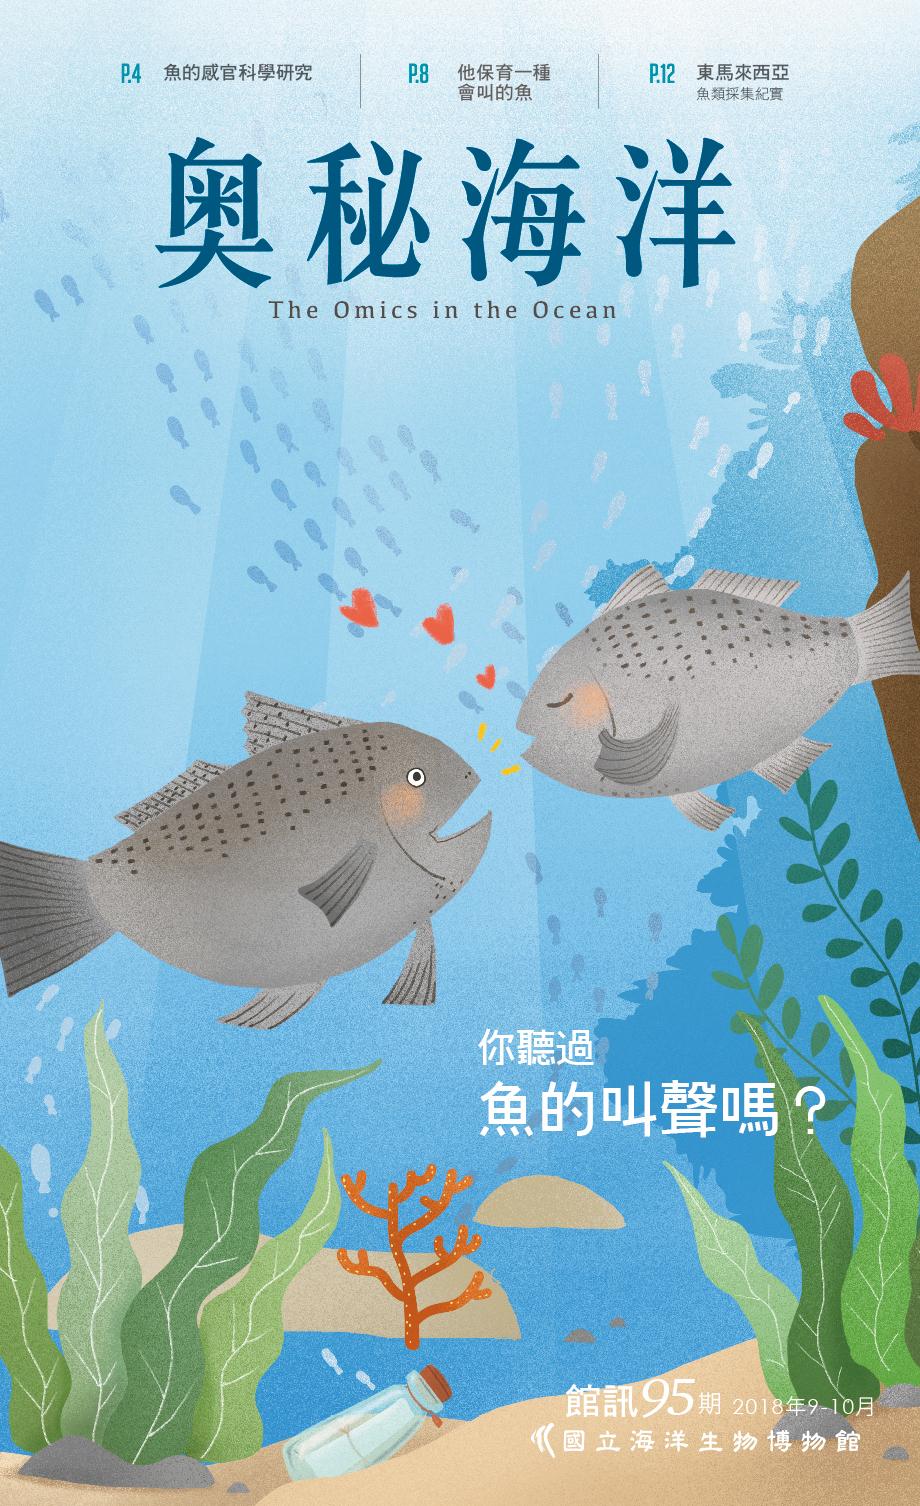 海生館電子報第80期封面圖片